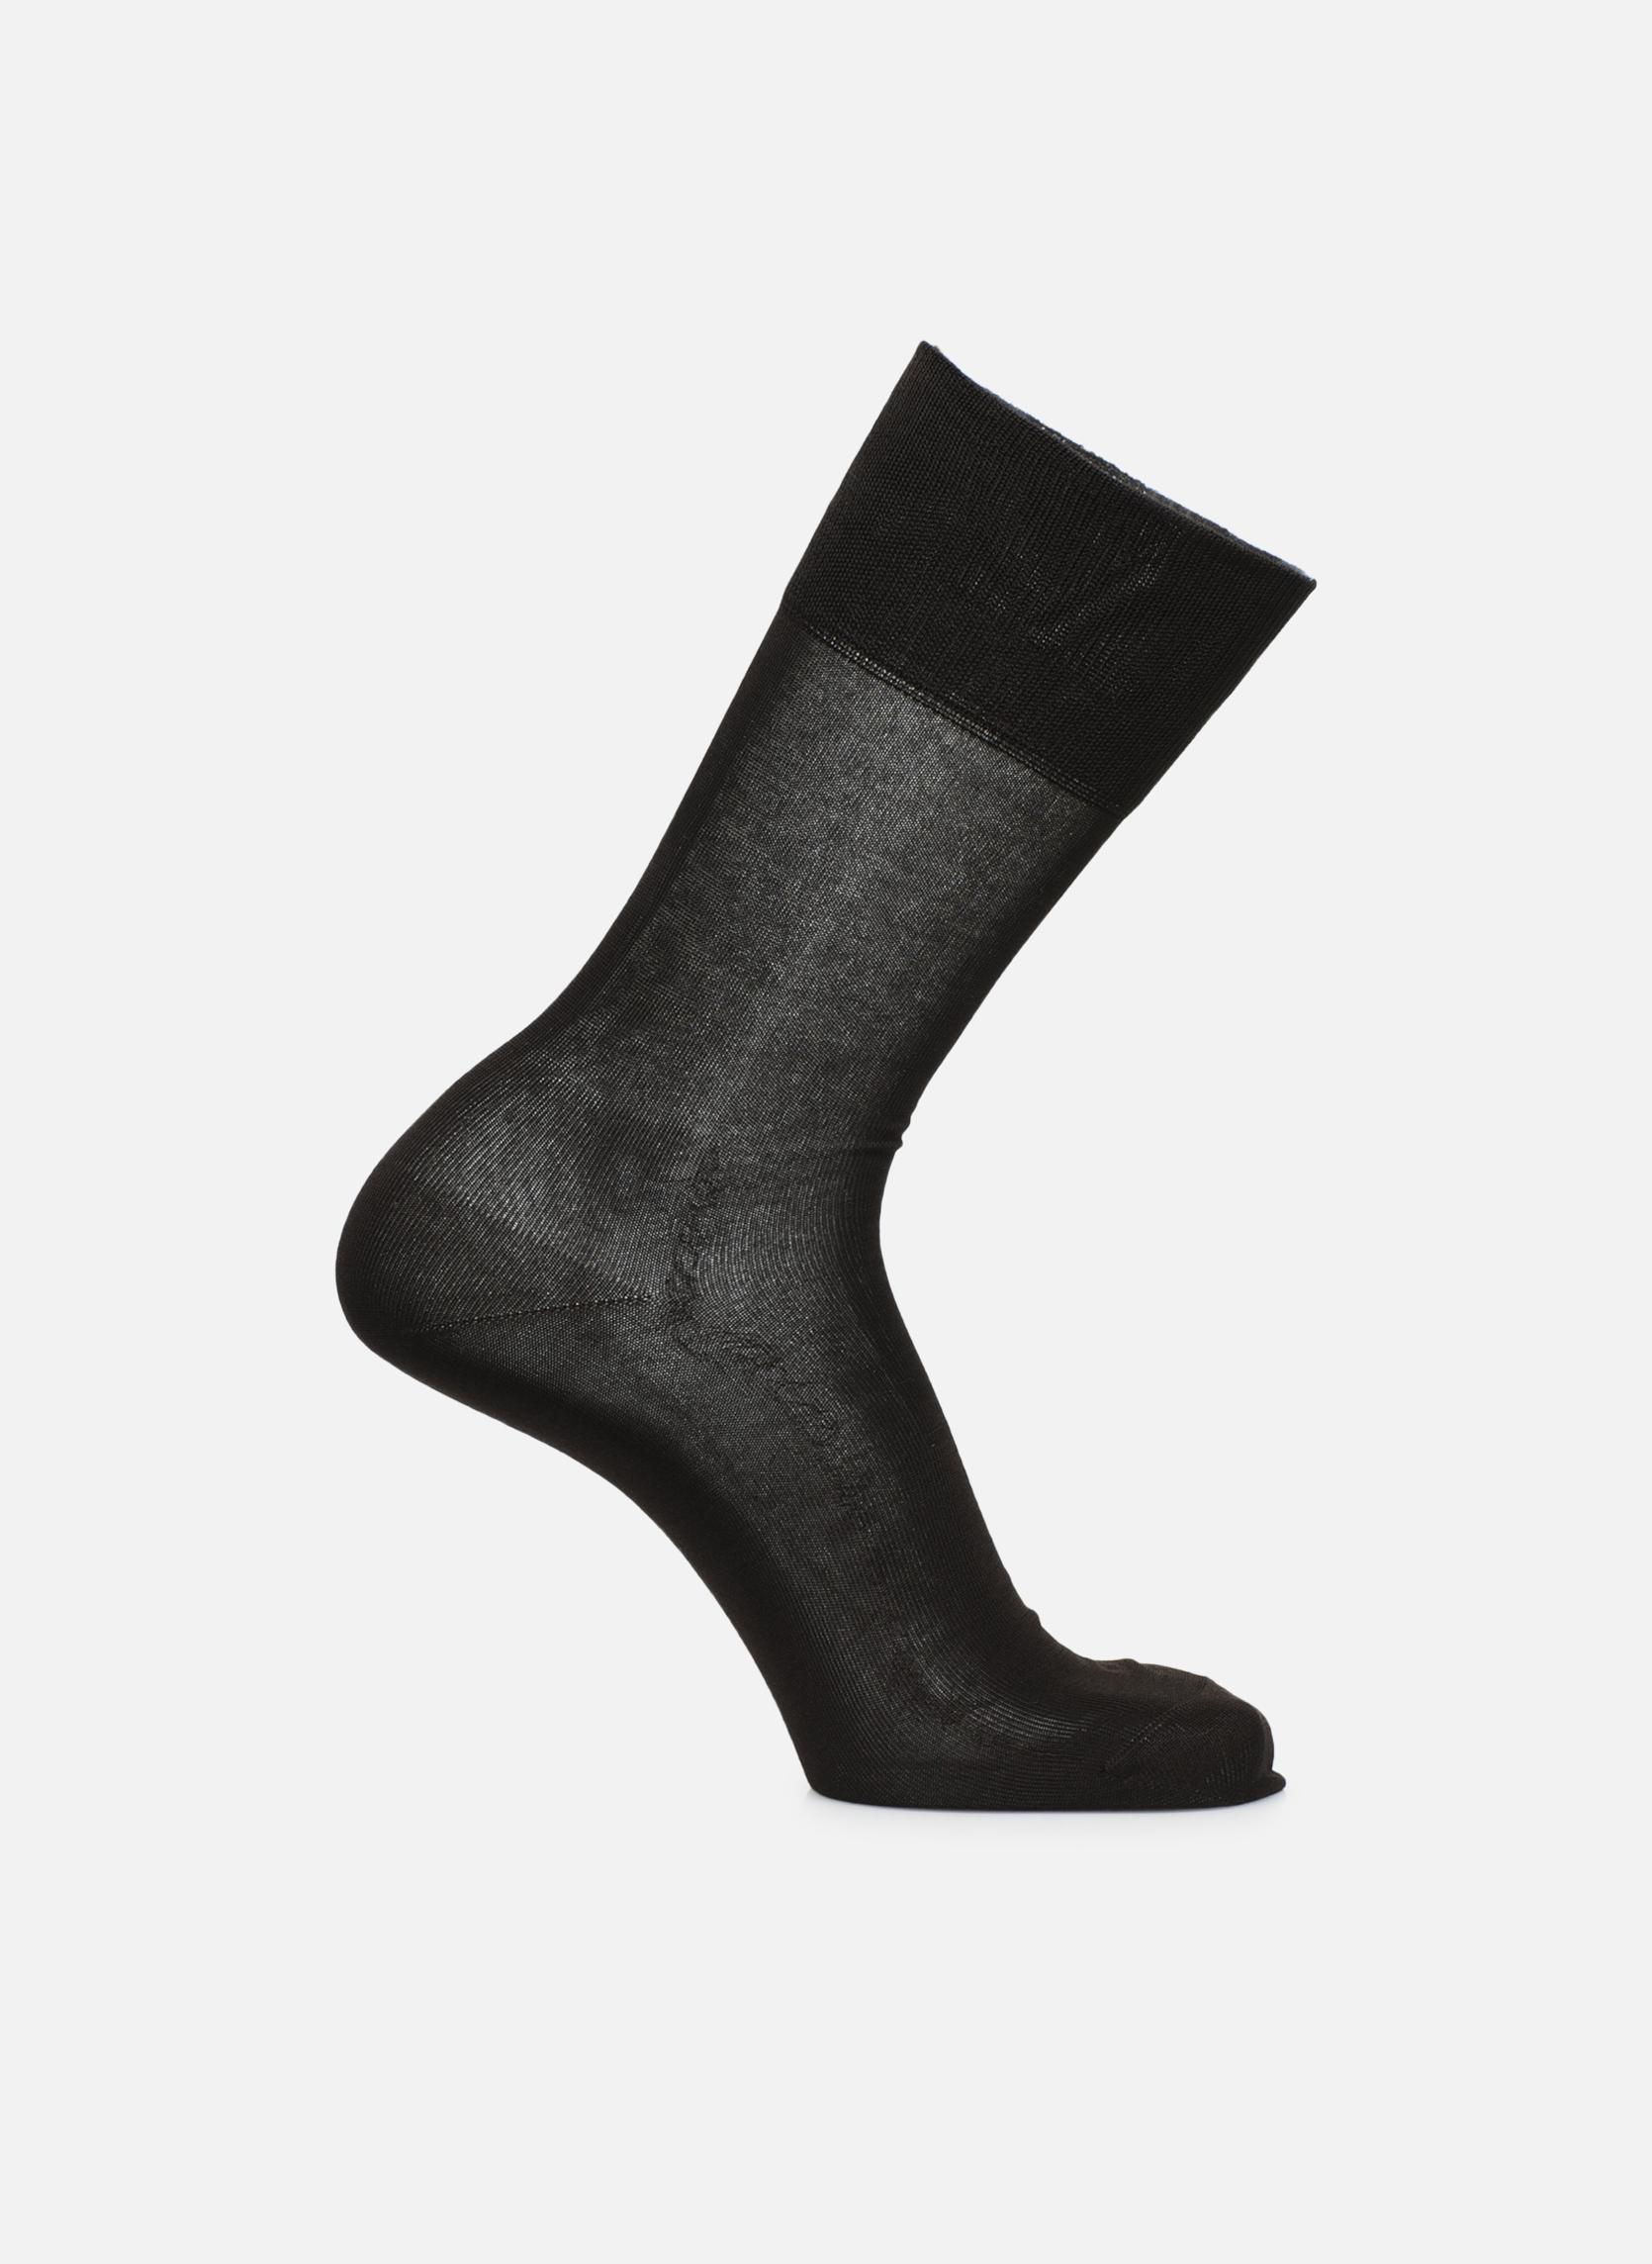 Socks TIAGO 5930 marron